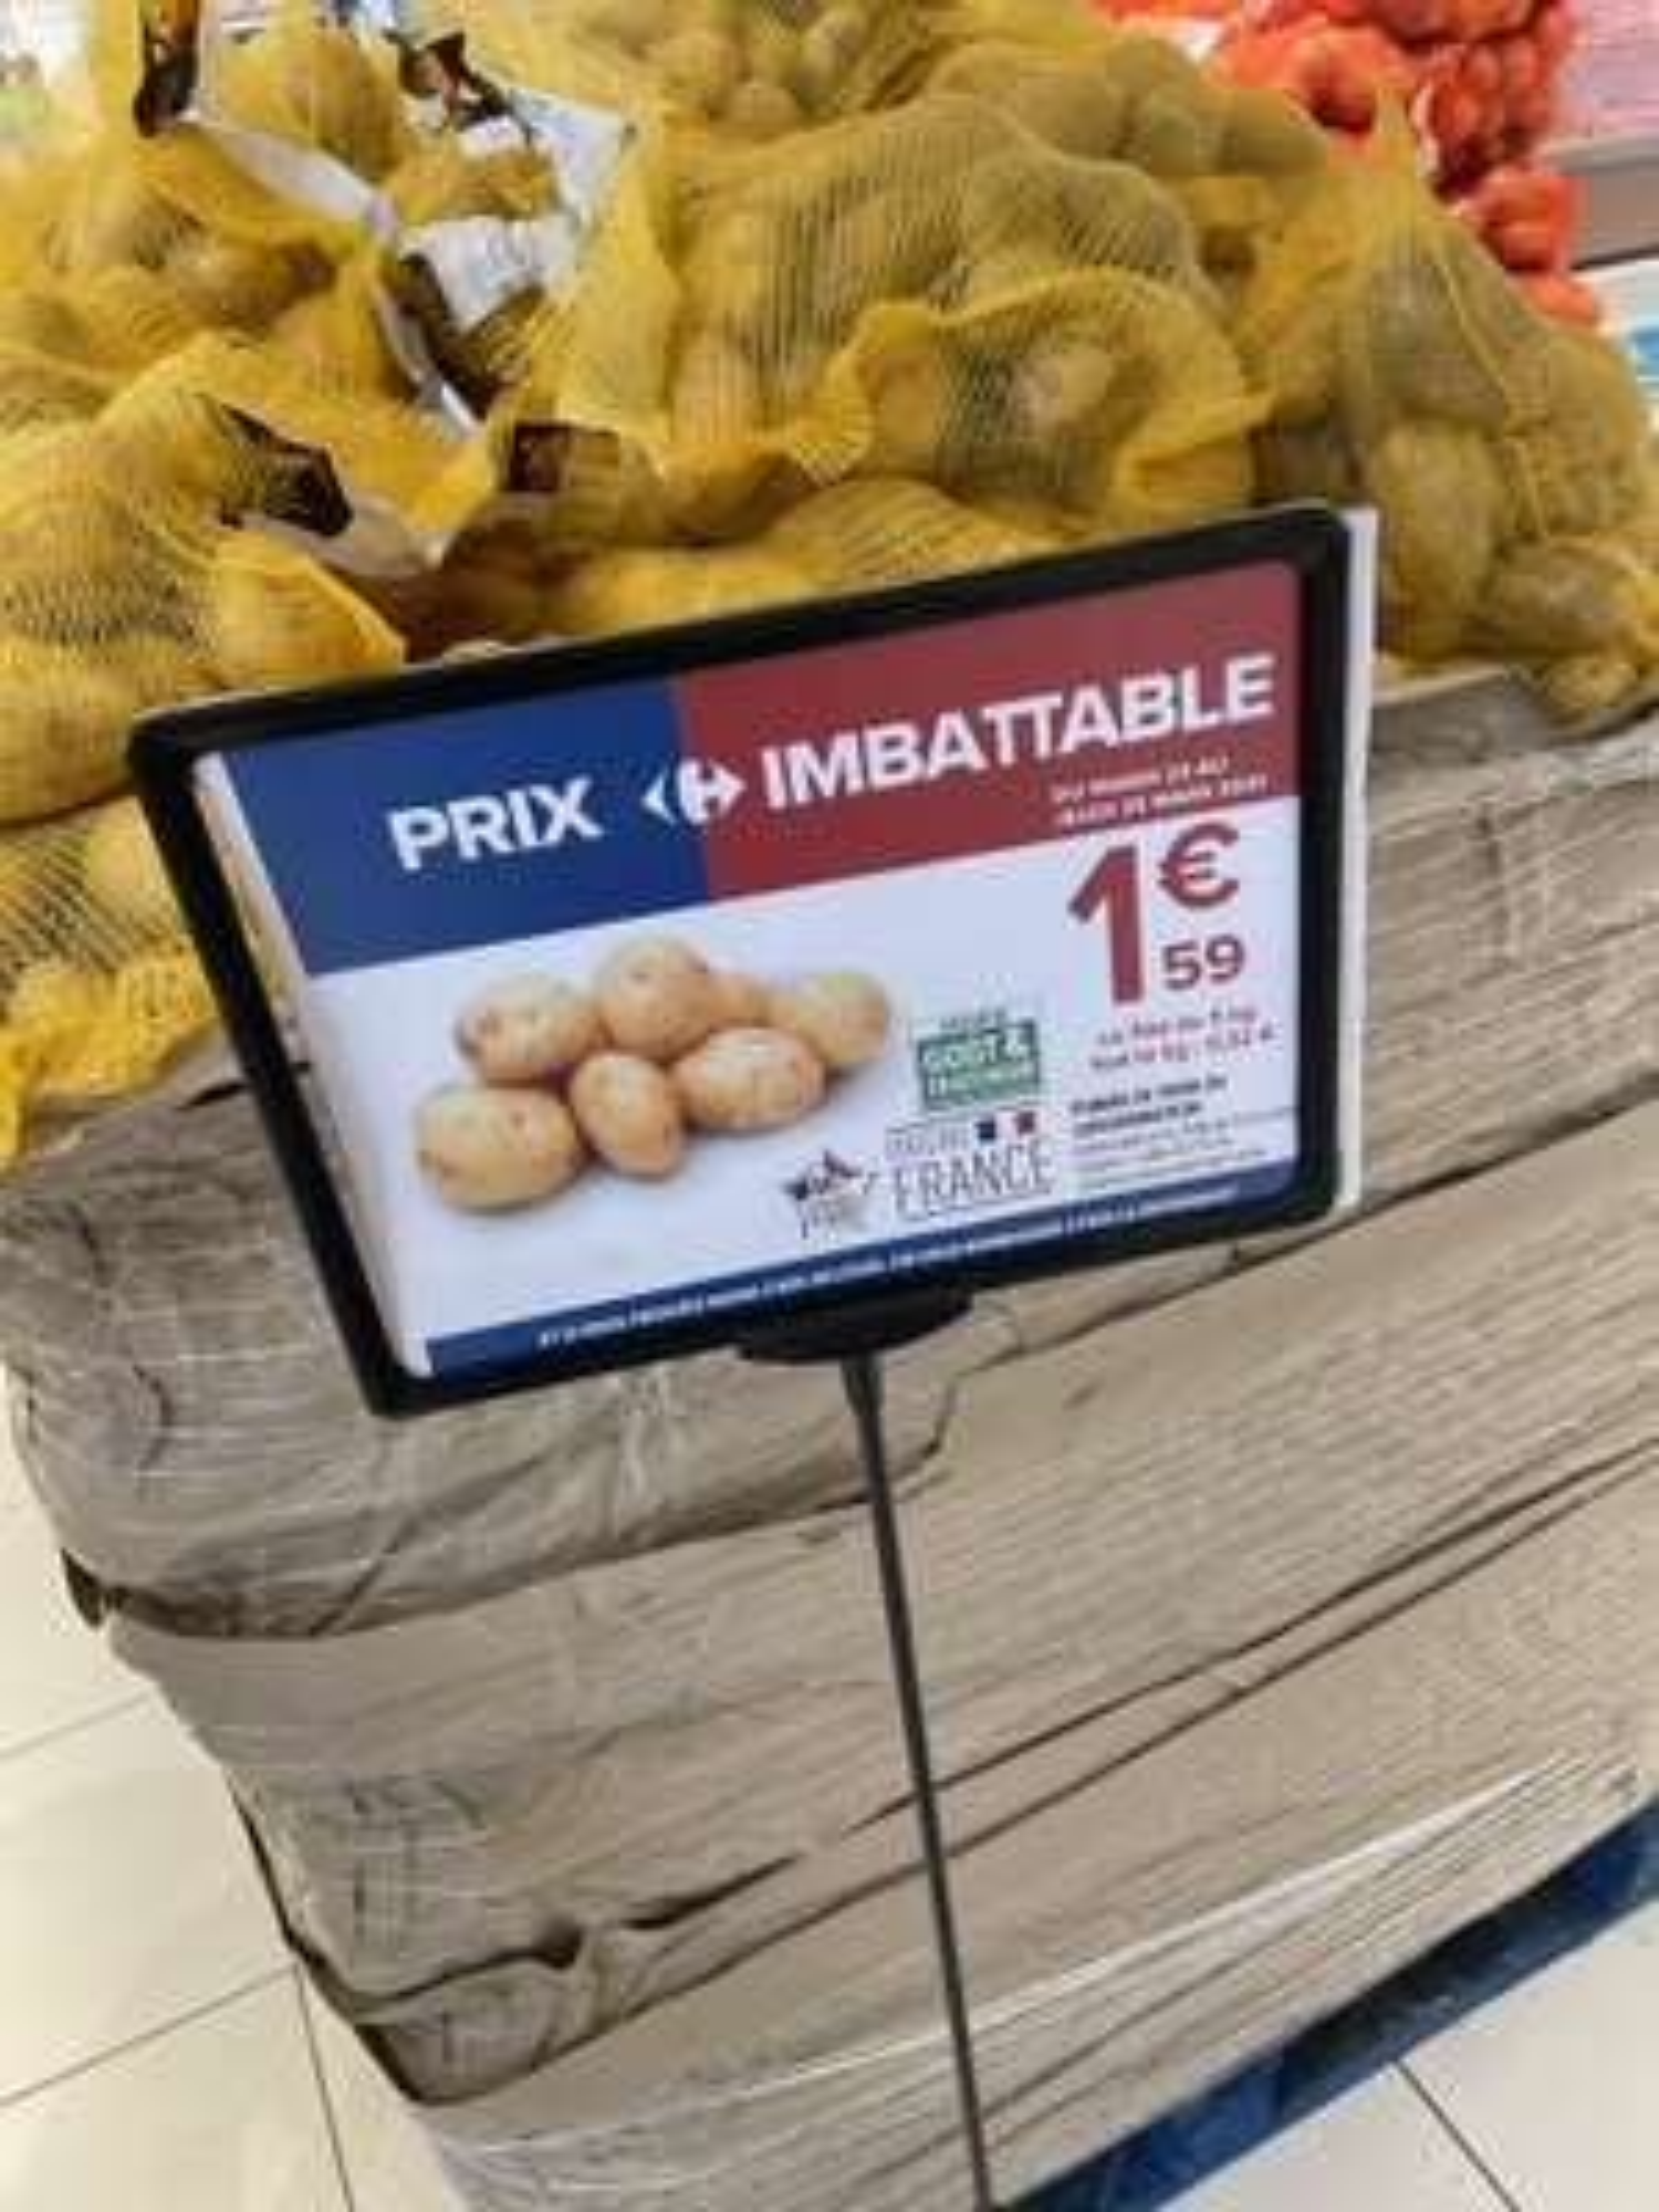 Sac de pomme de terre - Origine France (5 kg) - Saint-Mard (77)